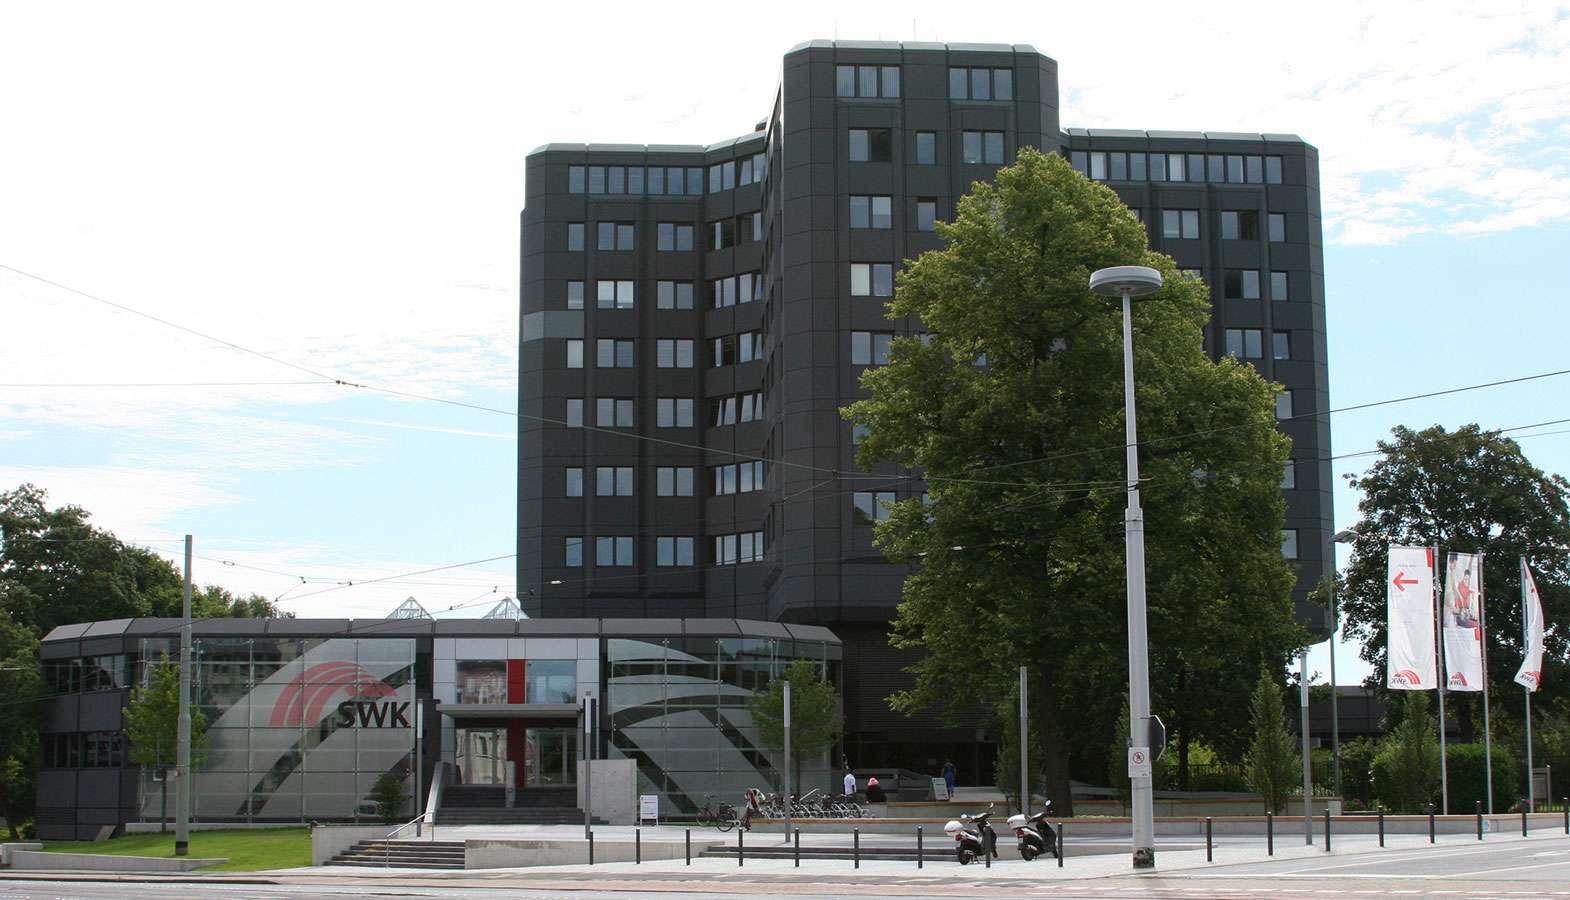 Gebäude SWK von außen